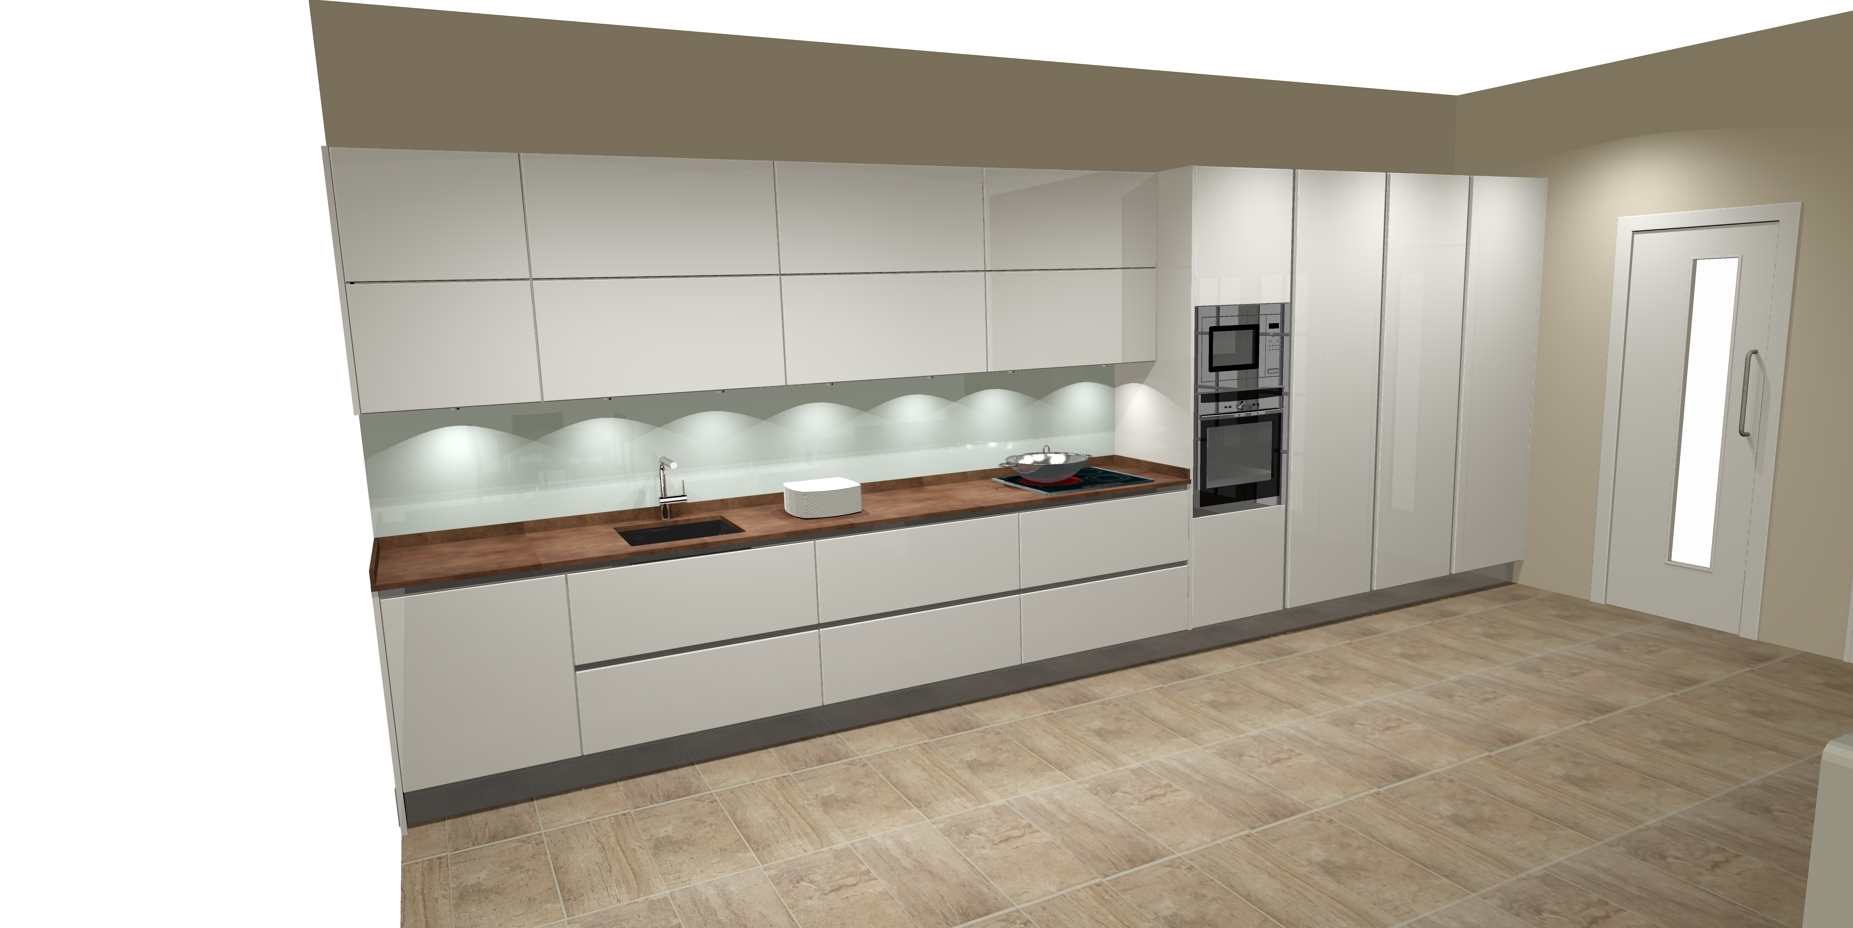 Dise os de cocinas lineales cocinas artnova sevilla for Cocinas de ocasion sevilla